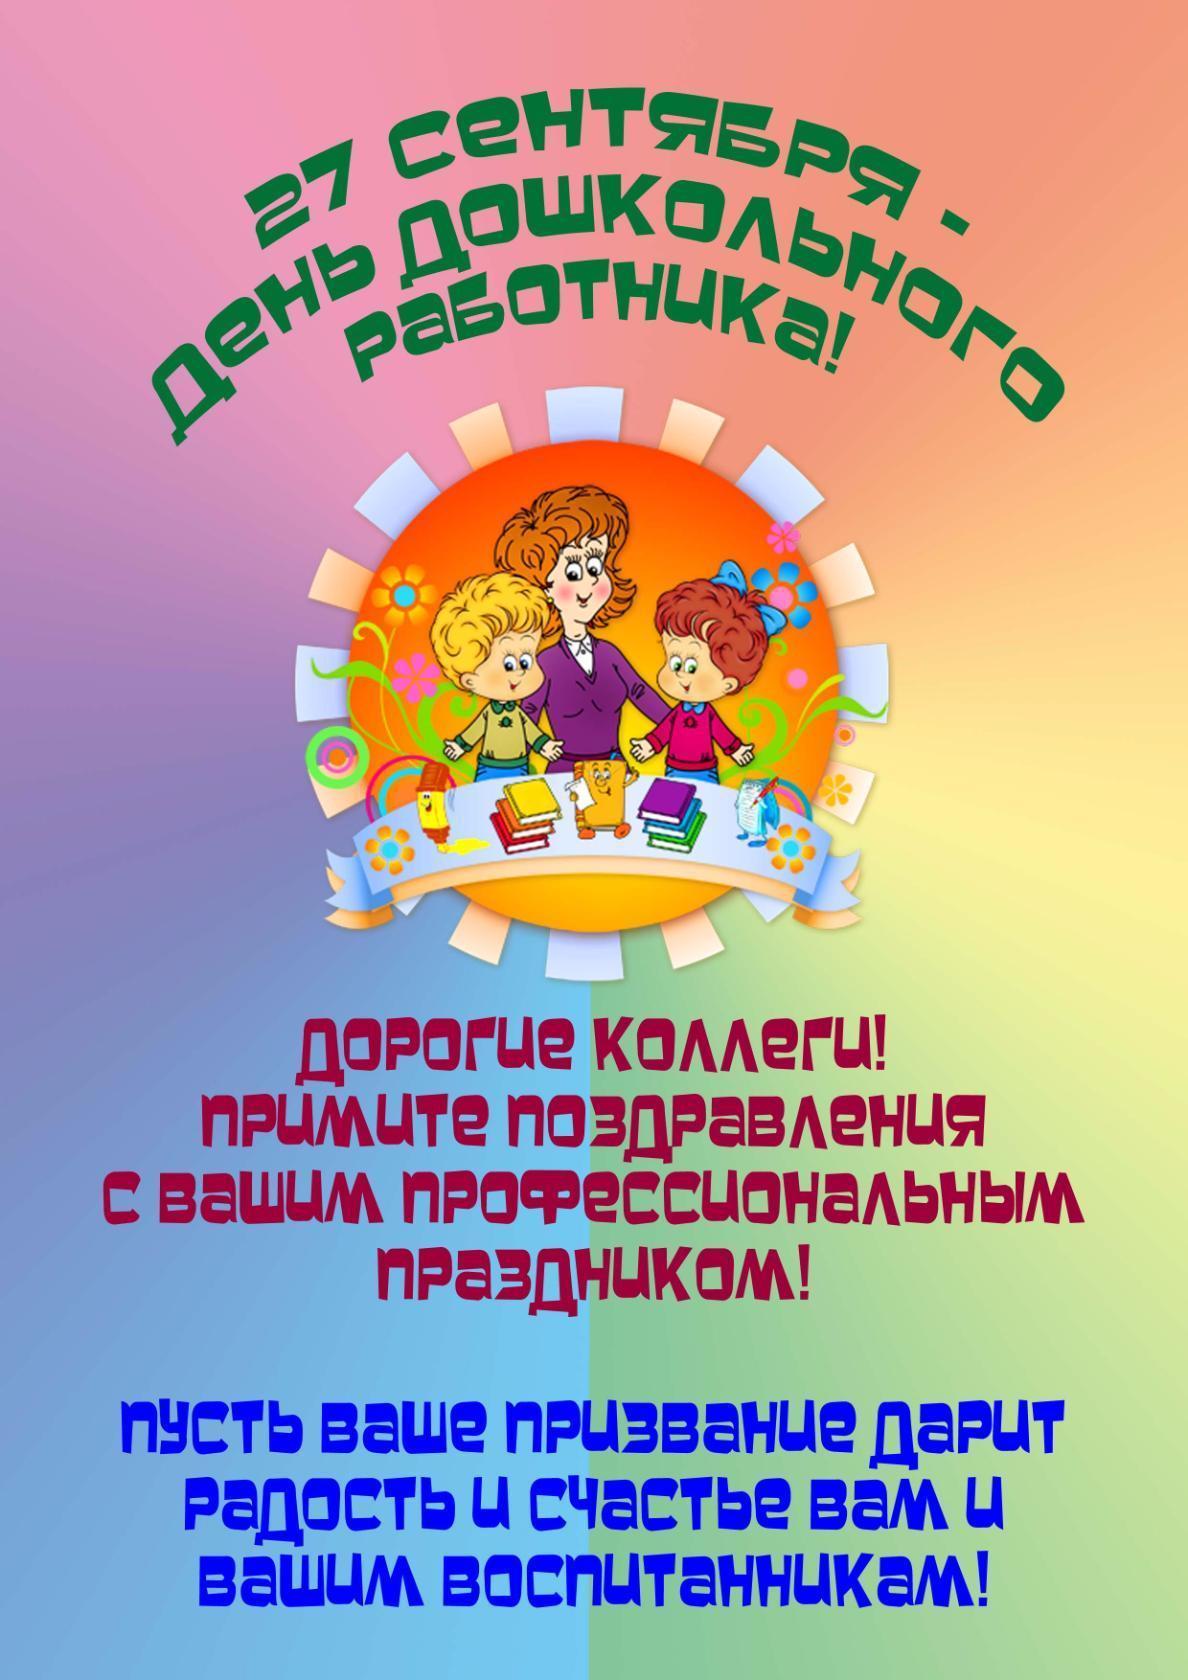 День воспитателя и всех дошкольных работников в картинках, добрым